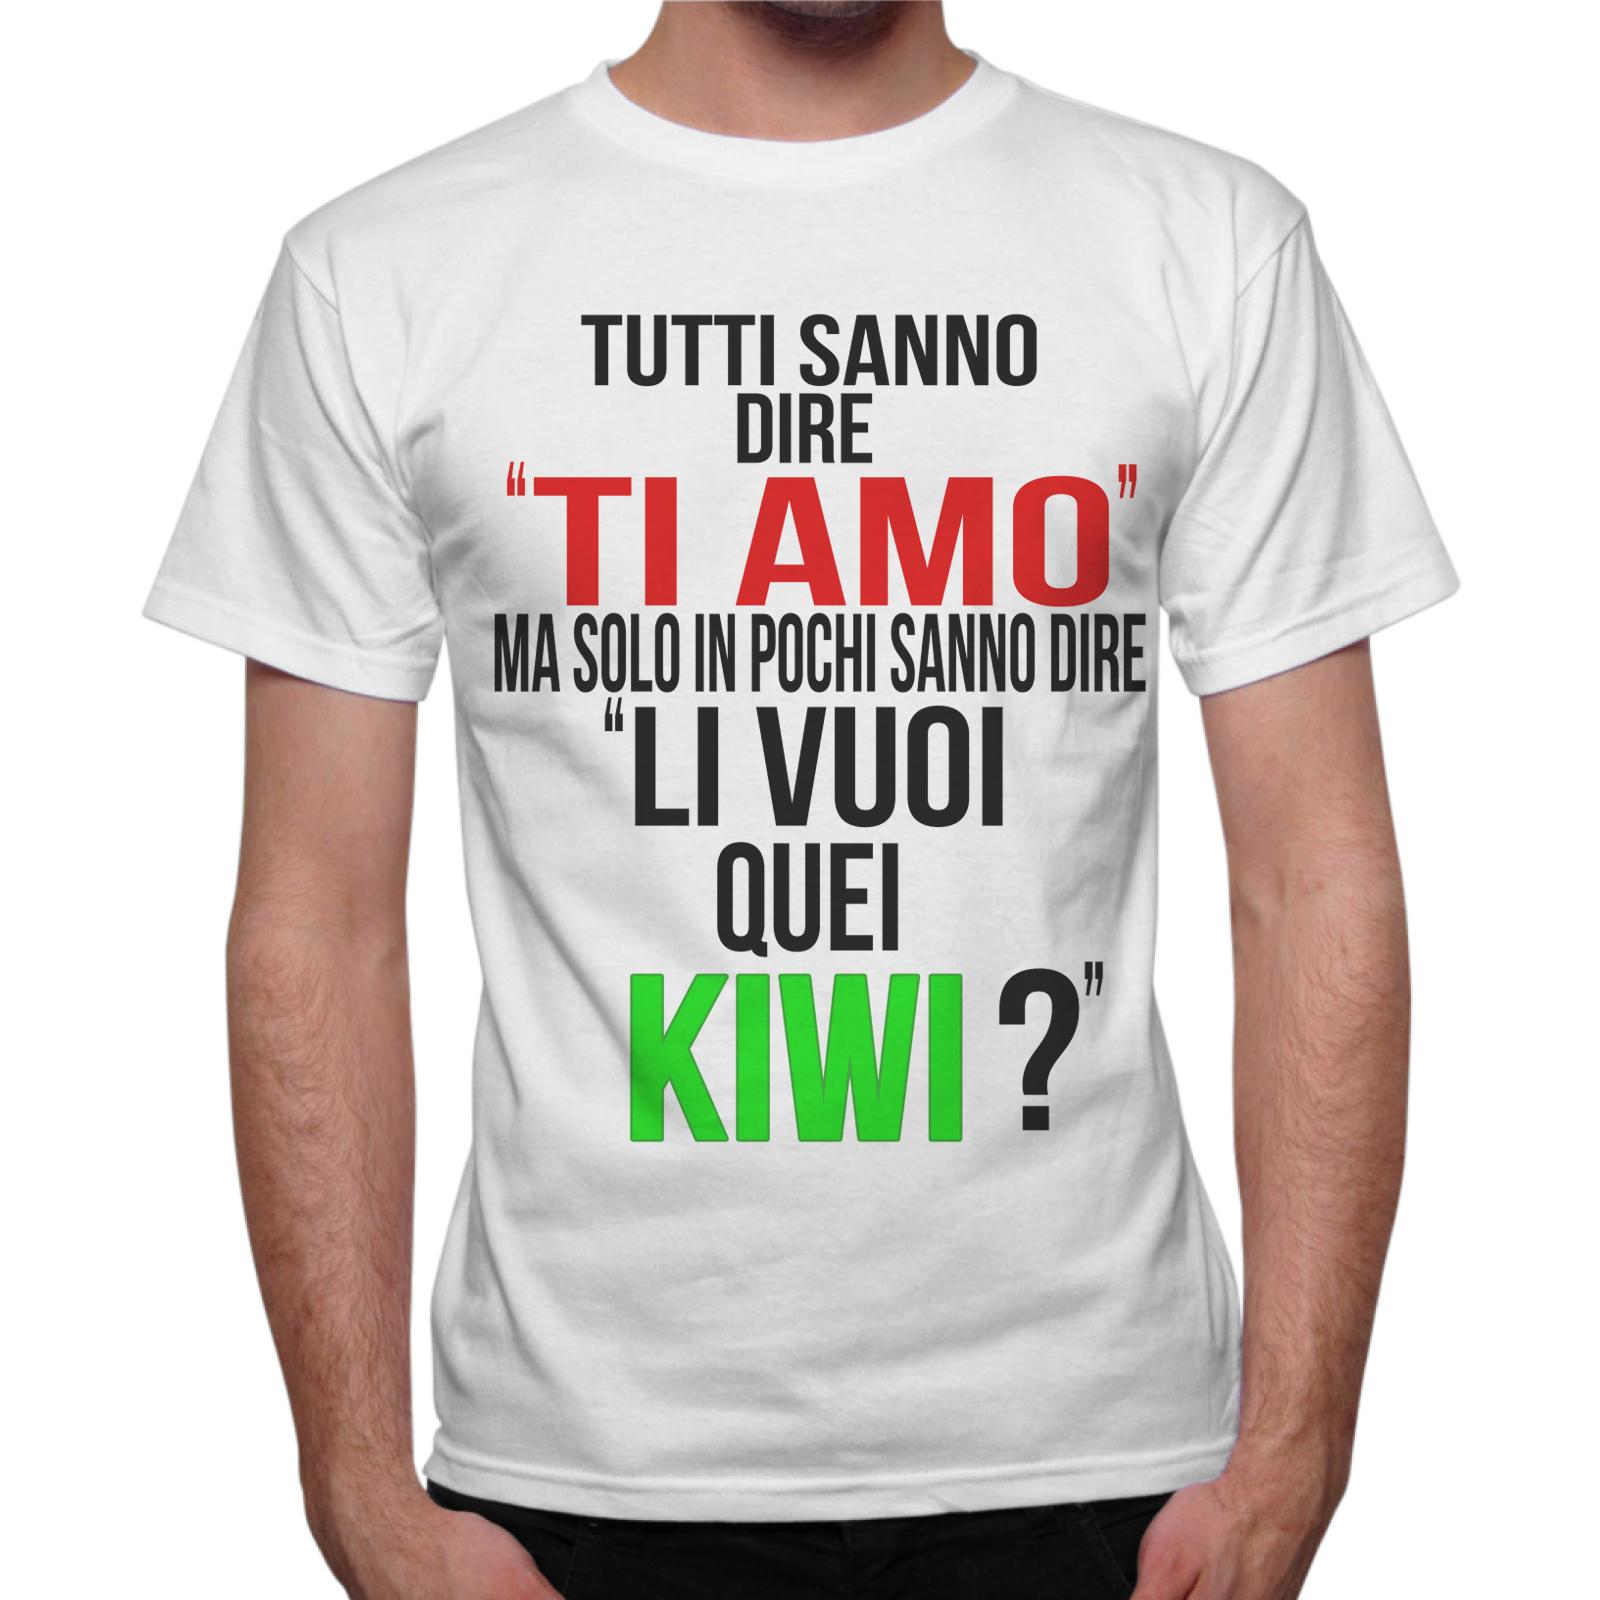 T-Shirt Uomo LI VUOI QUEI KIWI